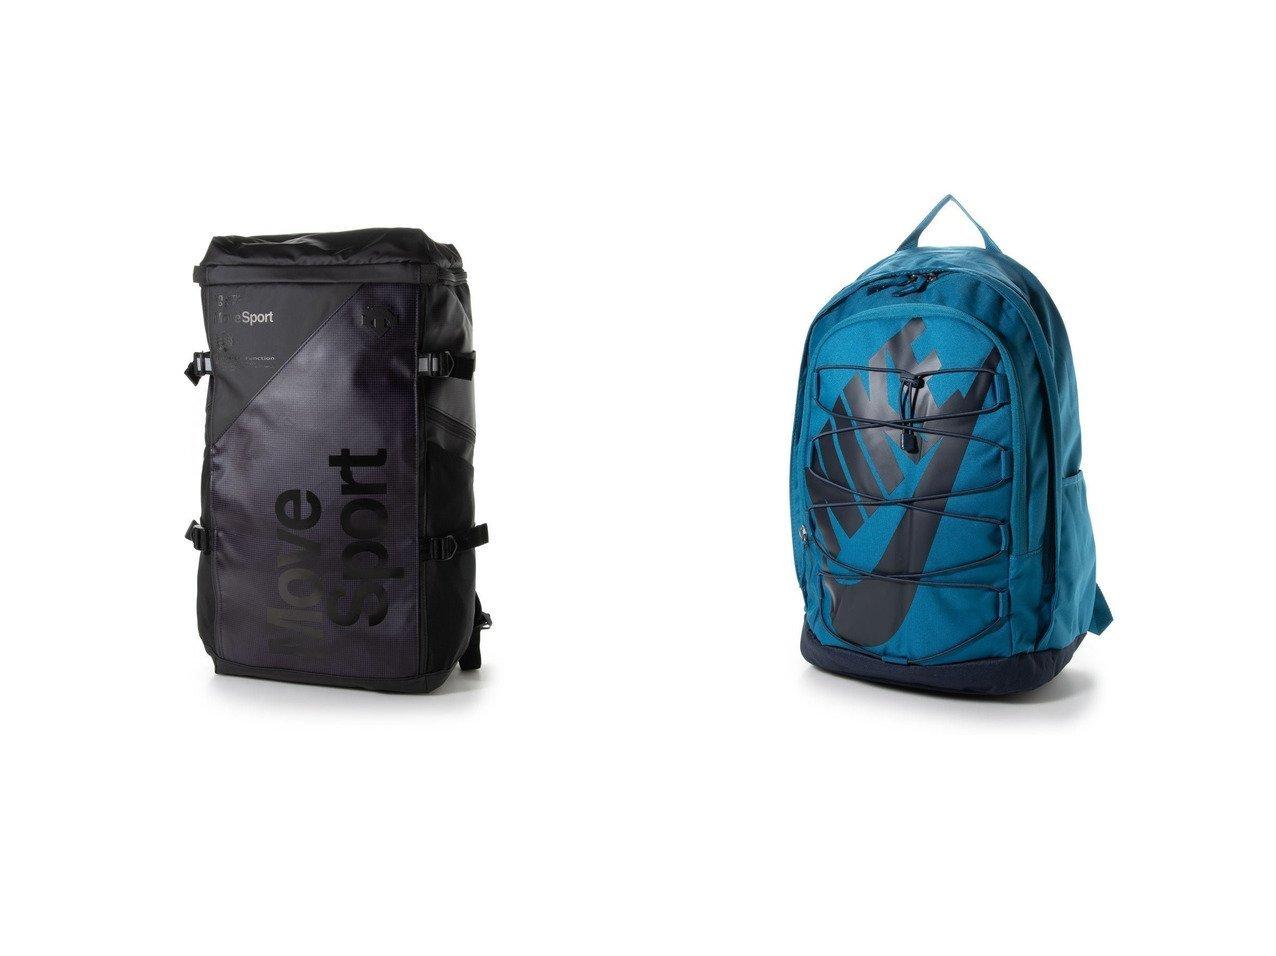 【DESCENTE/デサント】のデイパック スクエアバッグL DMAPJA05&【NIKE/ナイキ】のデイパック ナイキ HAYWARD バックパック BA5883301 バッグ・鞄のおすすめ!人気、トレンド・レディースファッションの通販 おすすめで人気の流行・トレンド、ファッションの通販商品 メンズファッション・キッズファッション・インテリア・家具・レディースファッション・服の通販 founy(ファニー) https://founy.com/ ファッション Fashion レディースファッション WOMEN バッグ Bag 2021年 2021 2021-2022 秋冬 A/W AW Autumn/Winter / FW Fall-Winter 2021-2022 A/W 秋冬 AW Autumn/Winter / FW Fall-Winter ショルダー スクエア デイパック フィット ポケット 切替 財布 |ID:crp329100000014993